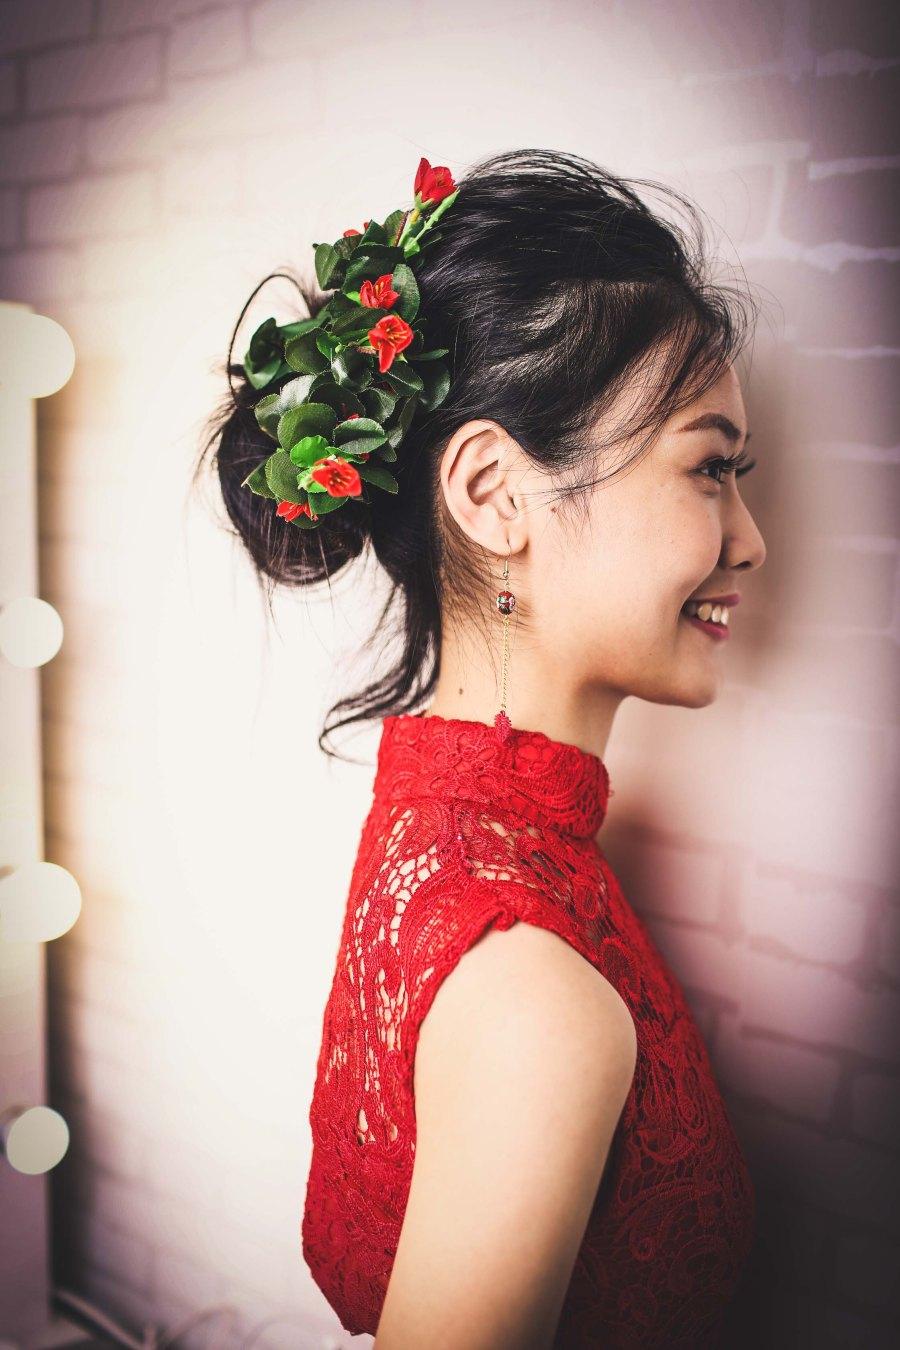 新娘化妝髮型攝影_bridal_wedding_makeup_hairstyling_Top_MUA_paulstylist_photography_hk_Leung-15